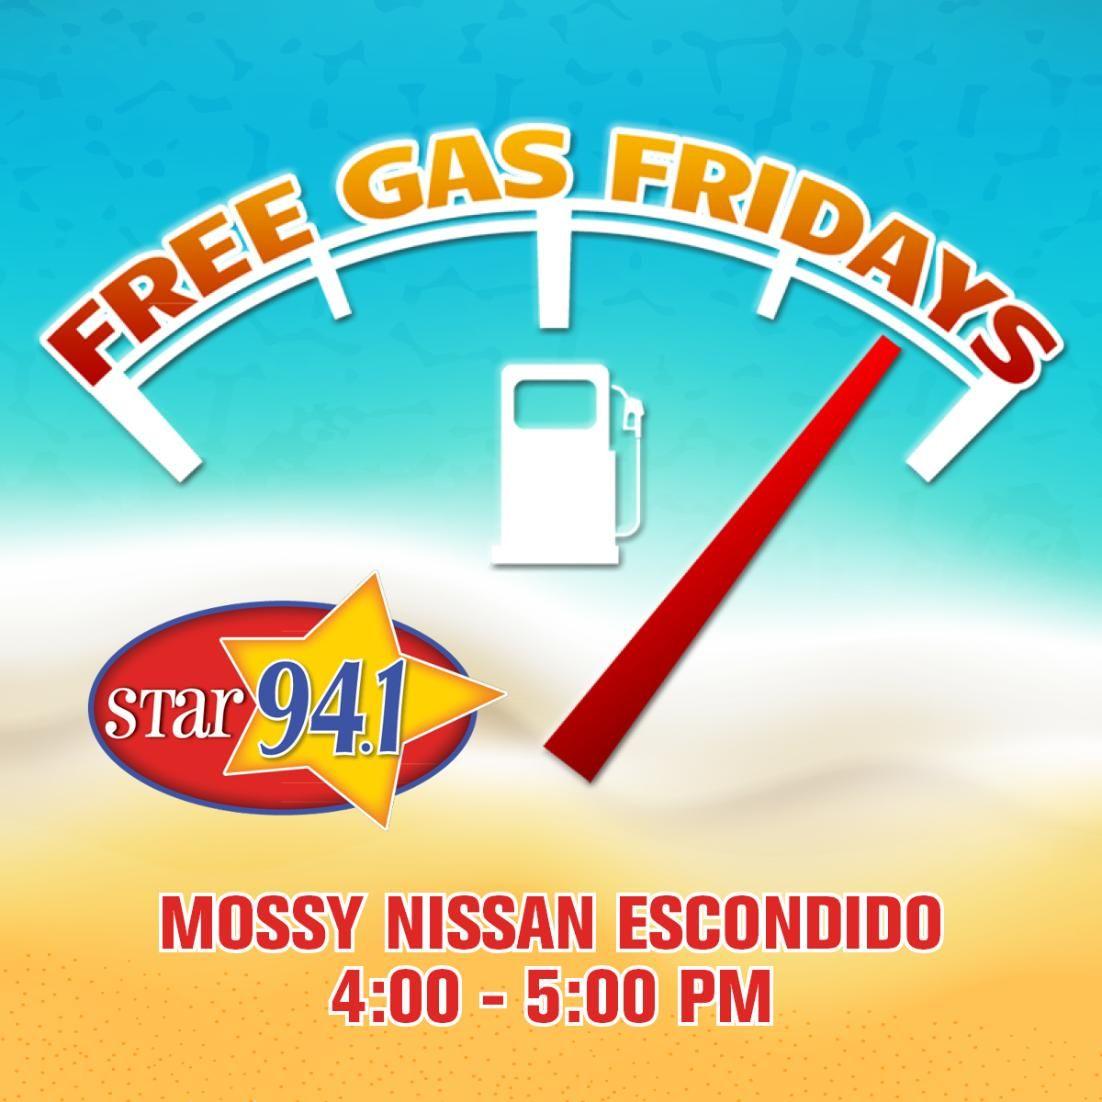 Free Gas Friday Alert!!🚨 Star 94.1 fm's Caban Boy Geoff